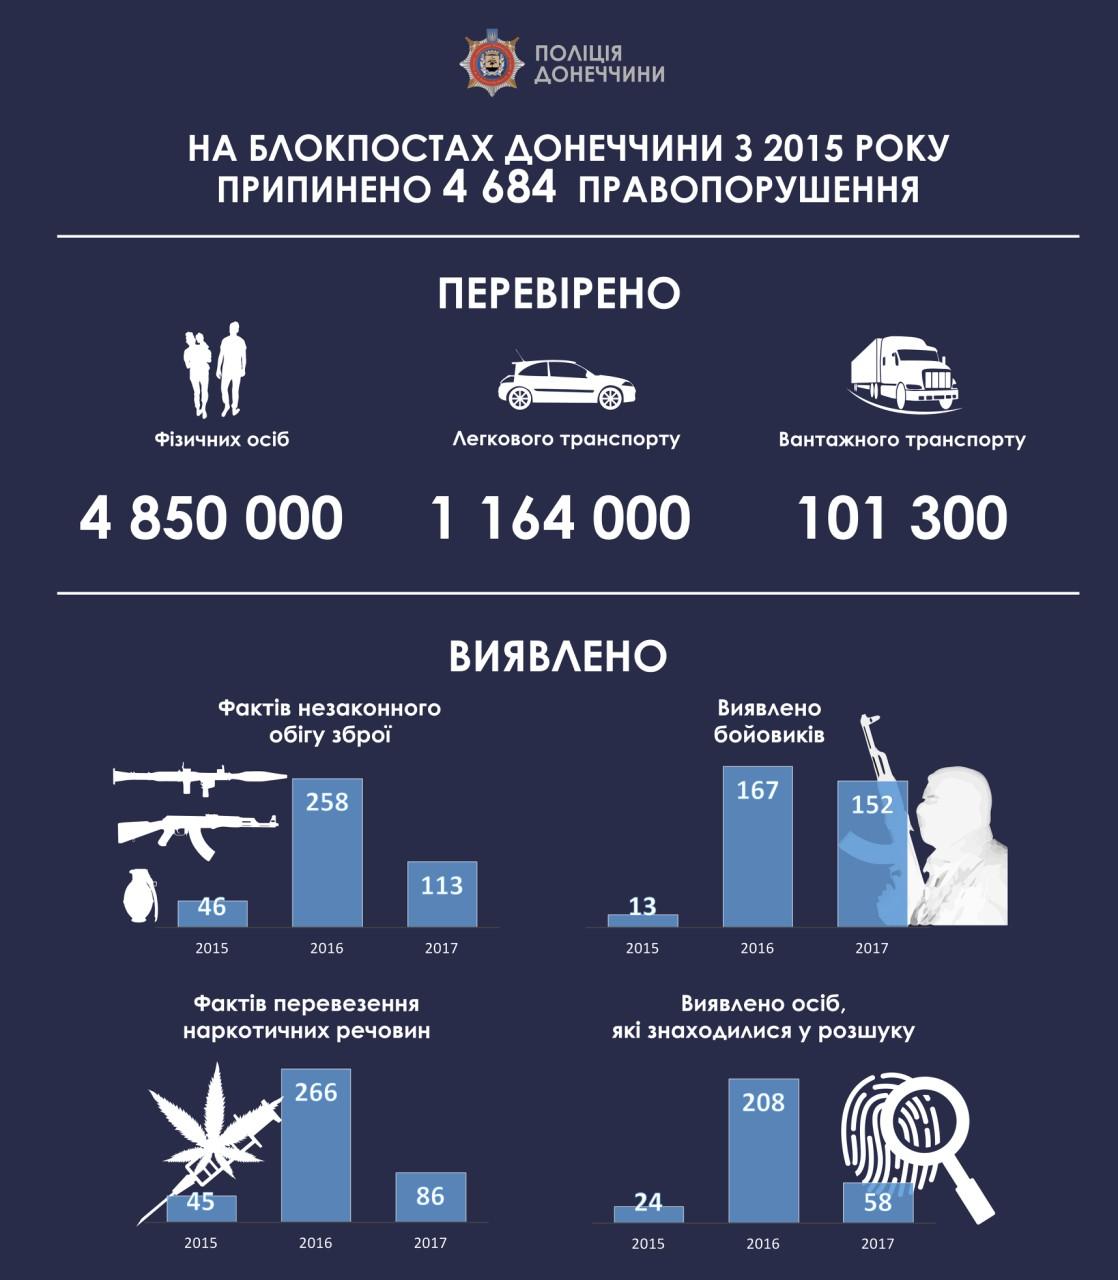 За два роки на блокпостах Донеччини поліцейські припинили більше 4,6 тисяч правопорушень, фото-1